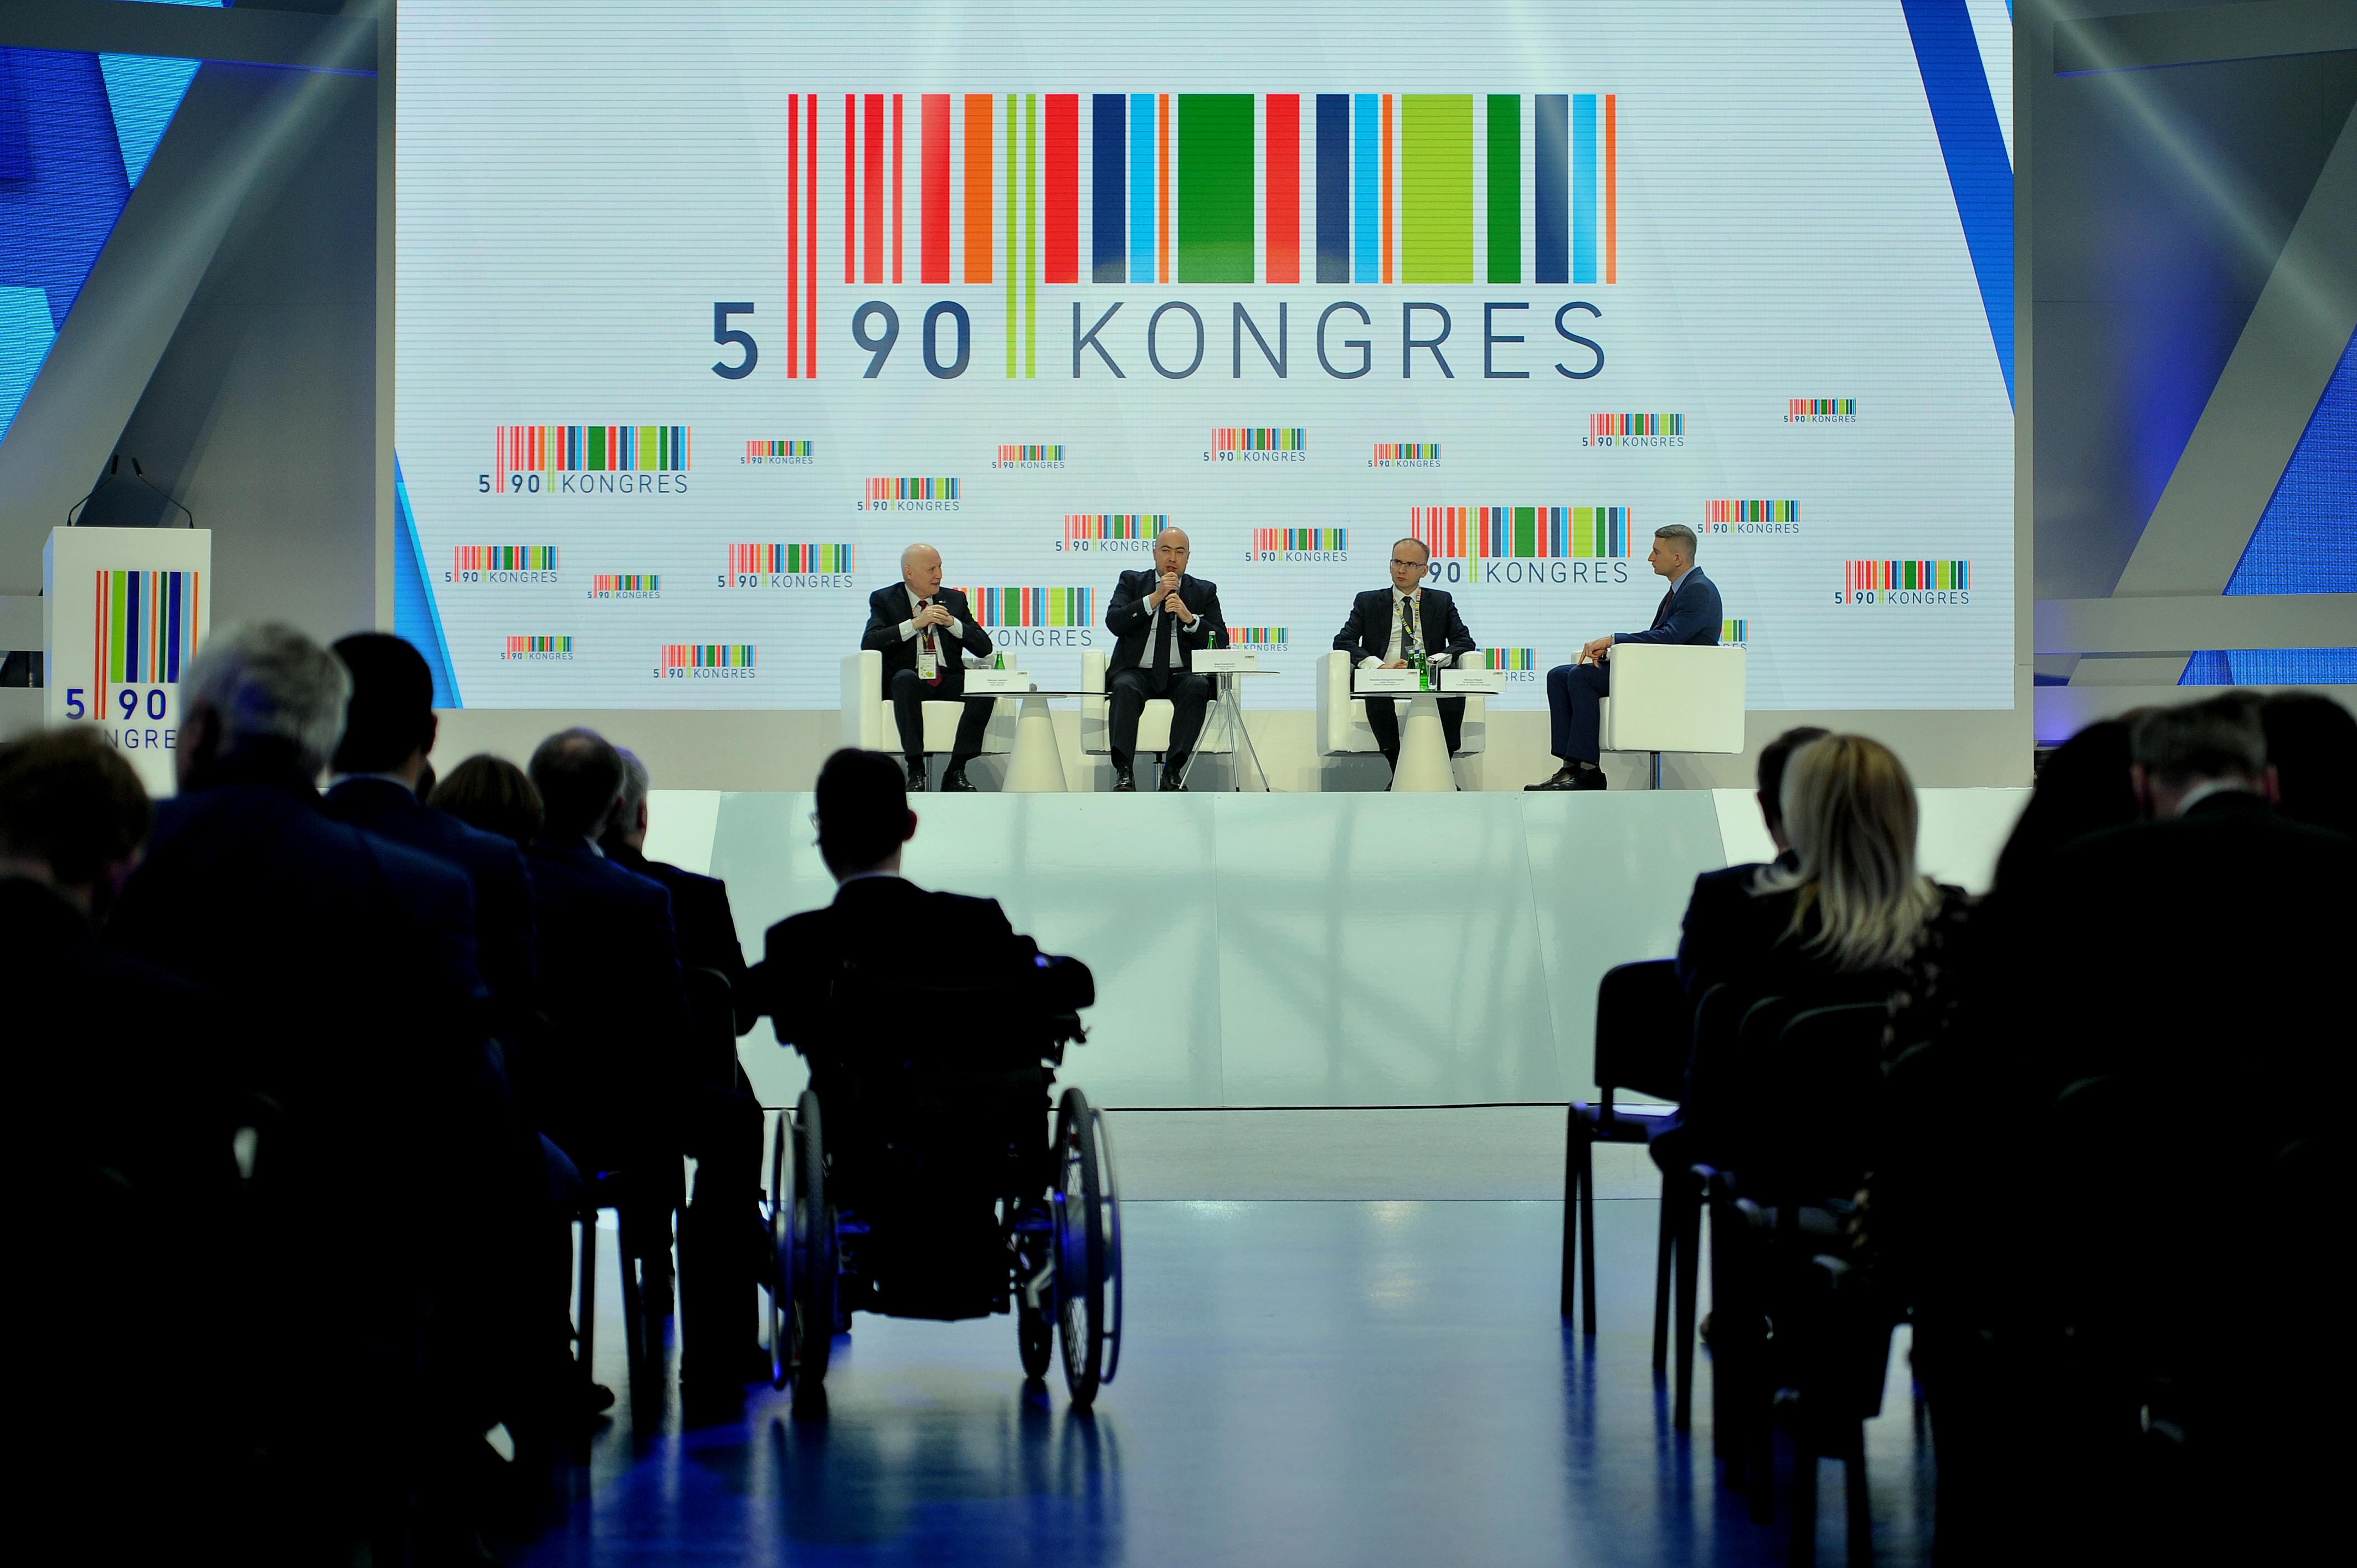 Kongres 590 – Championi polskiego biznesu